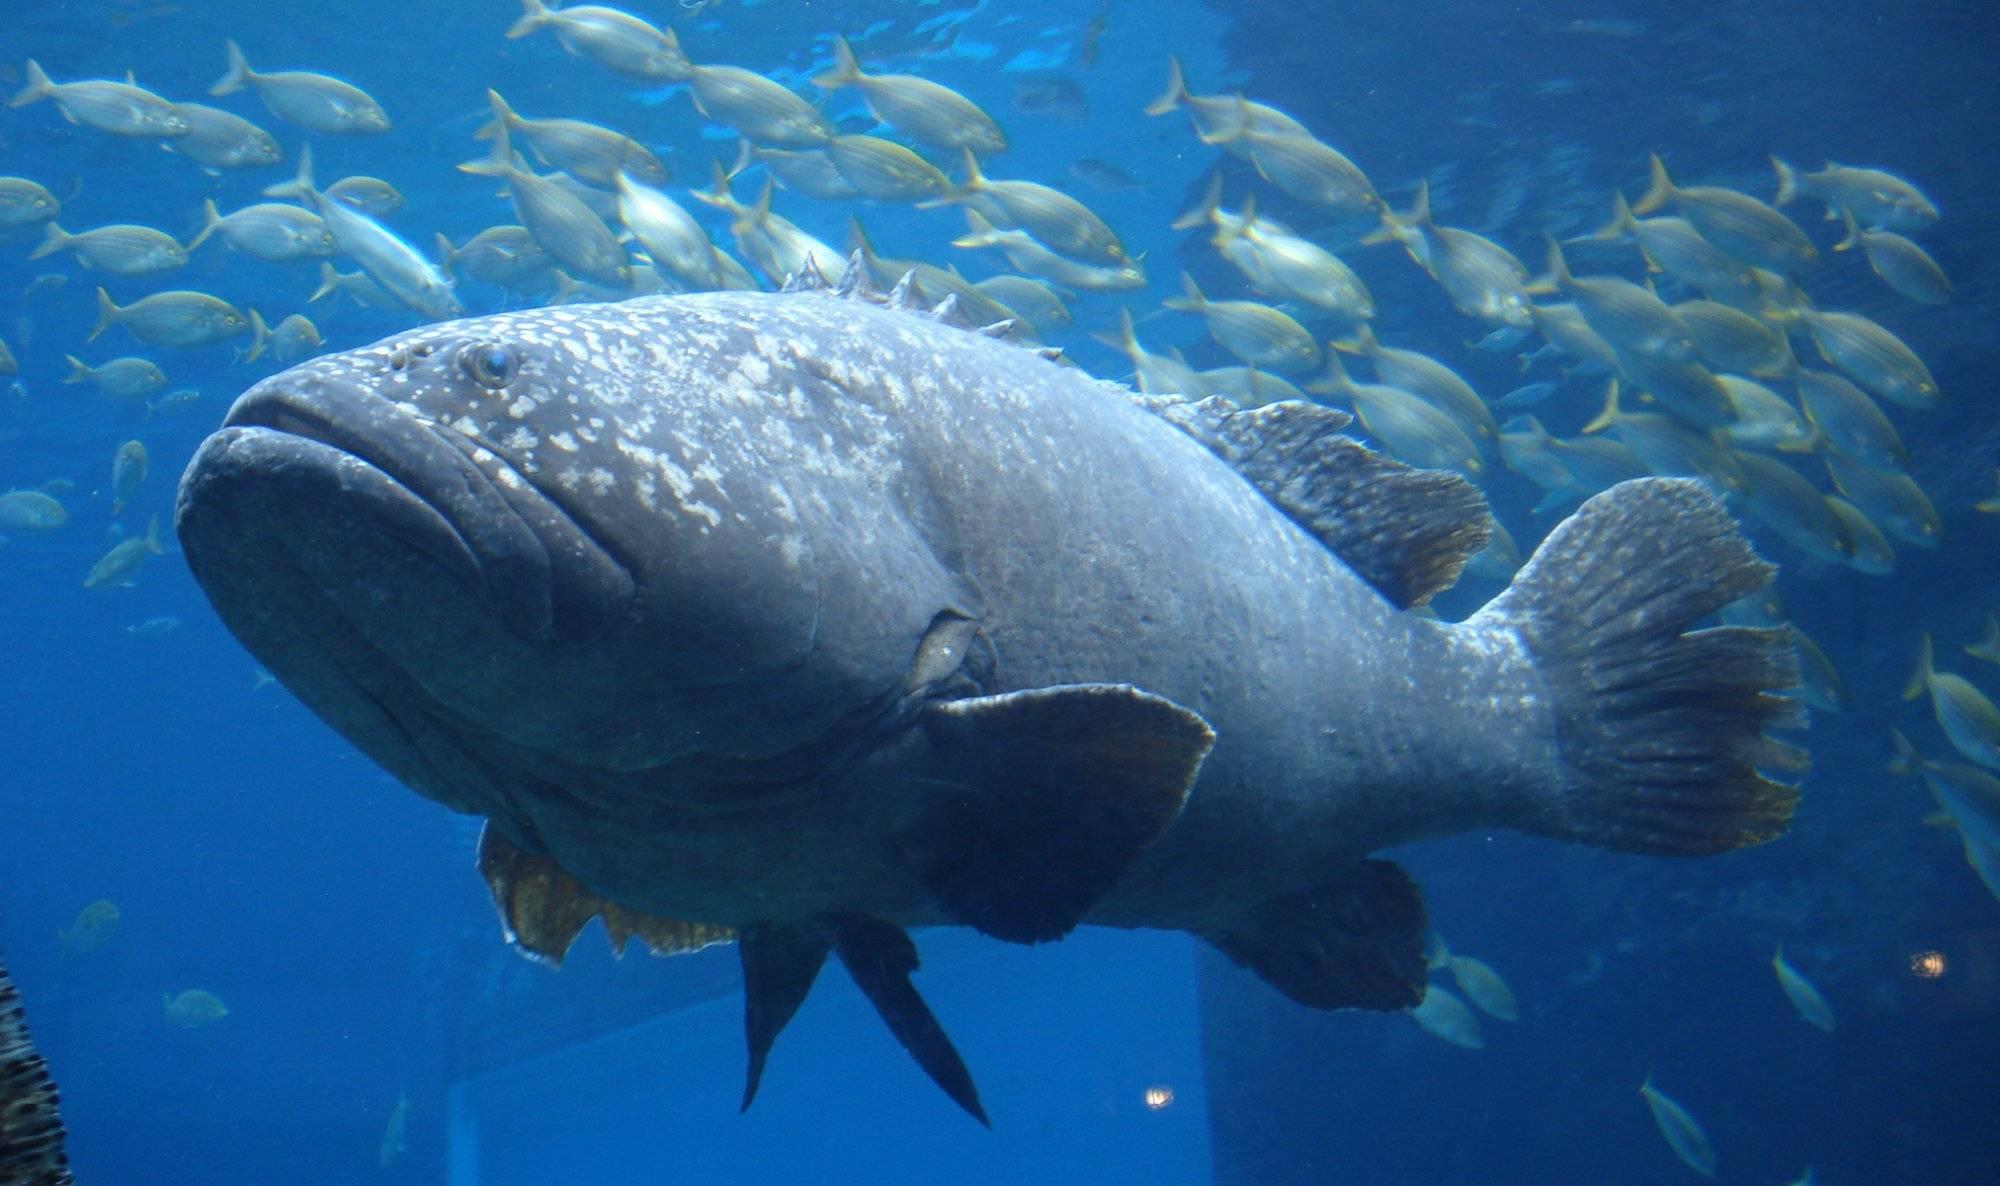 Групера рыба: обзор лучших идей и решений как поймать рыбу легко и просто (135 фото)